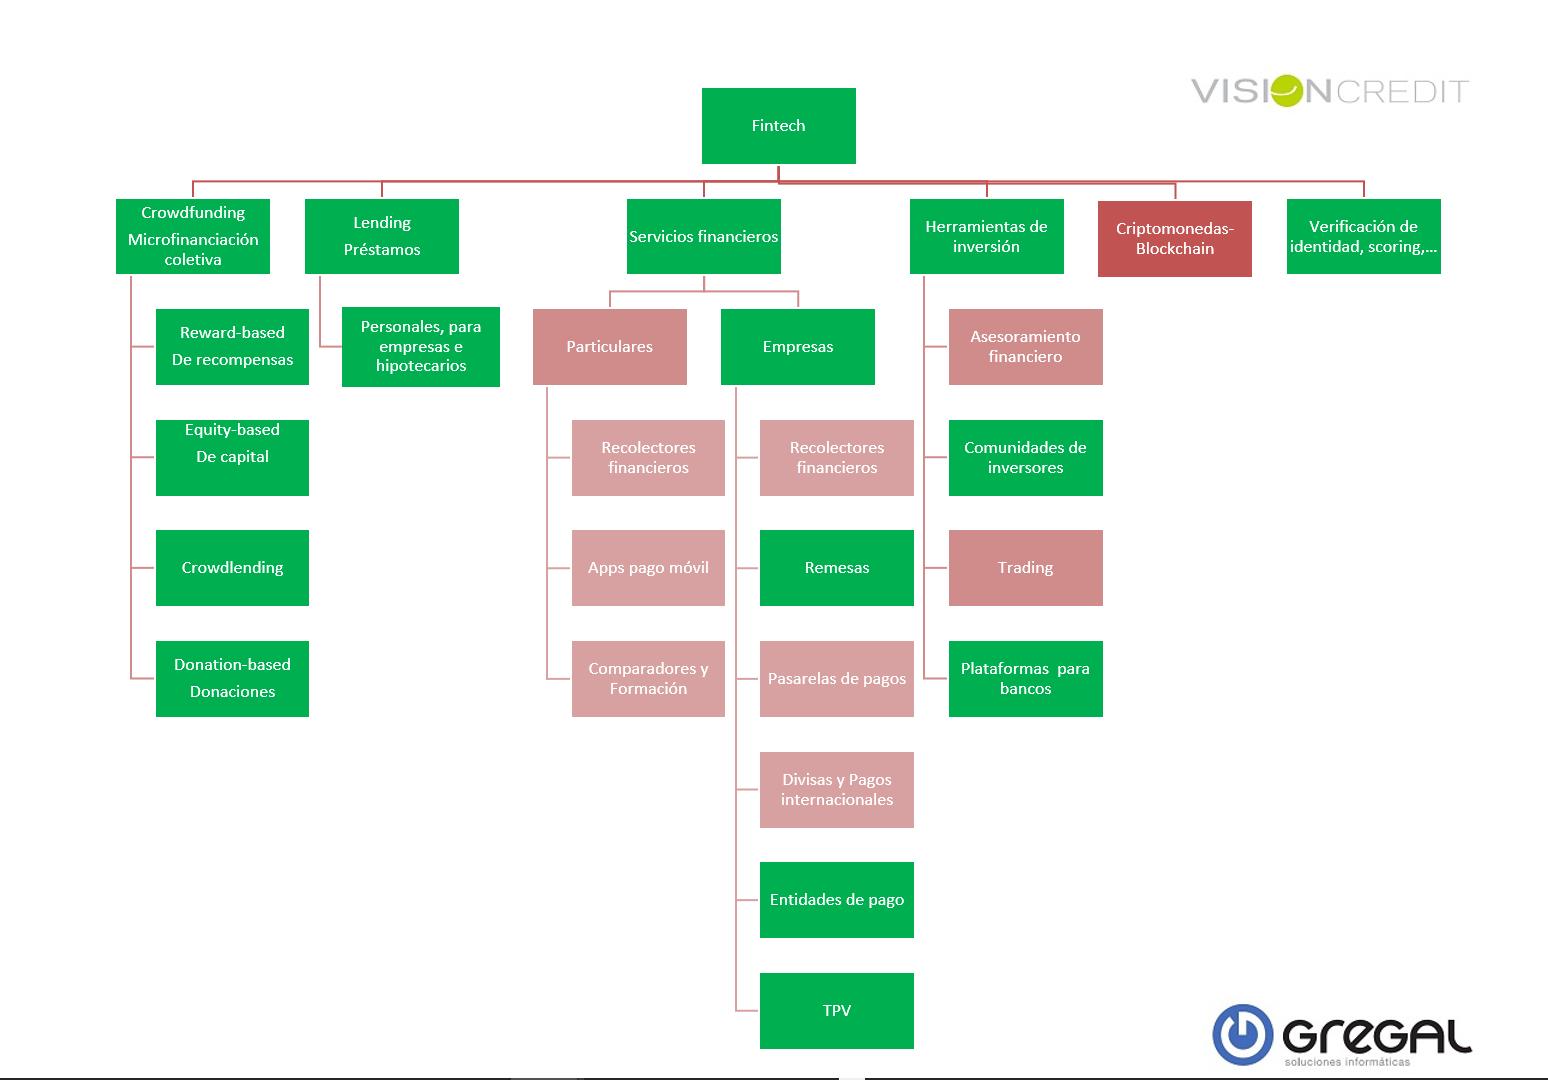 Clasificación fintech VisionCredit